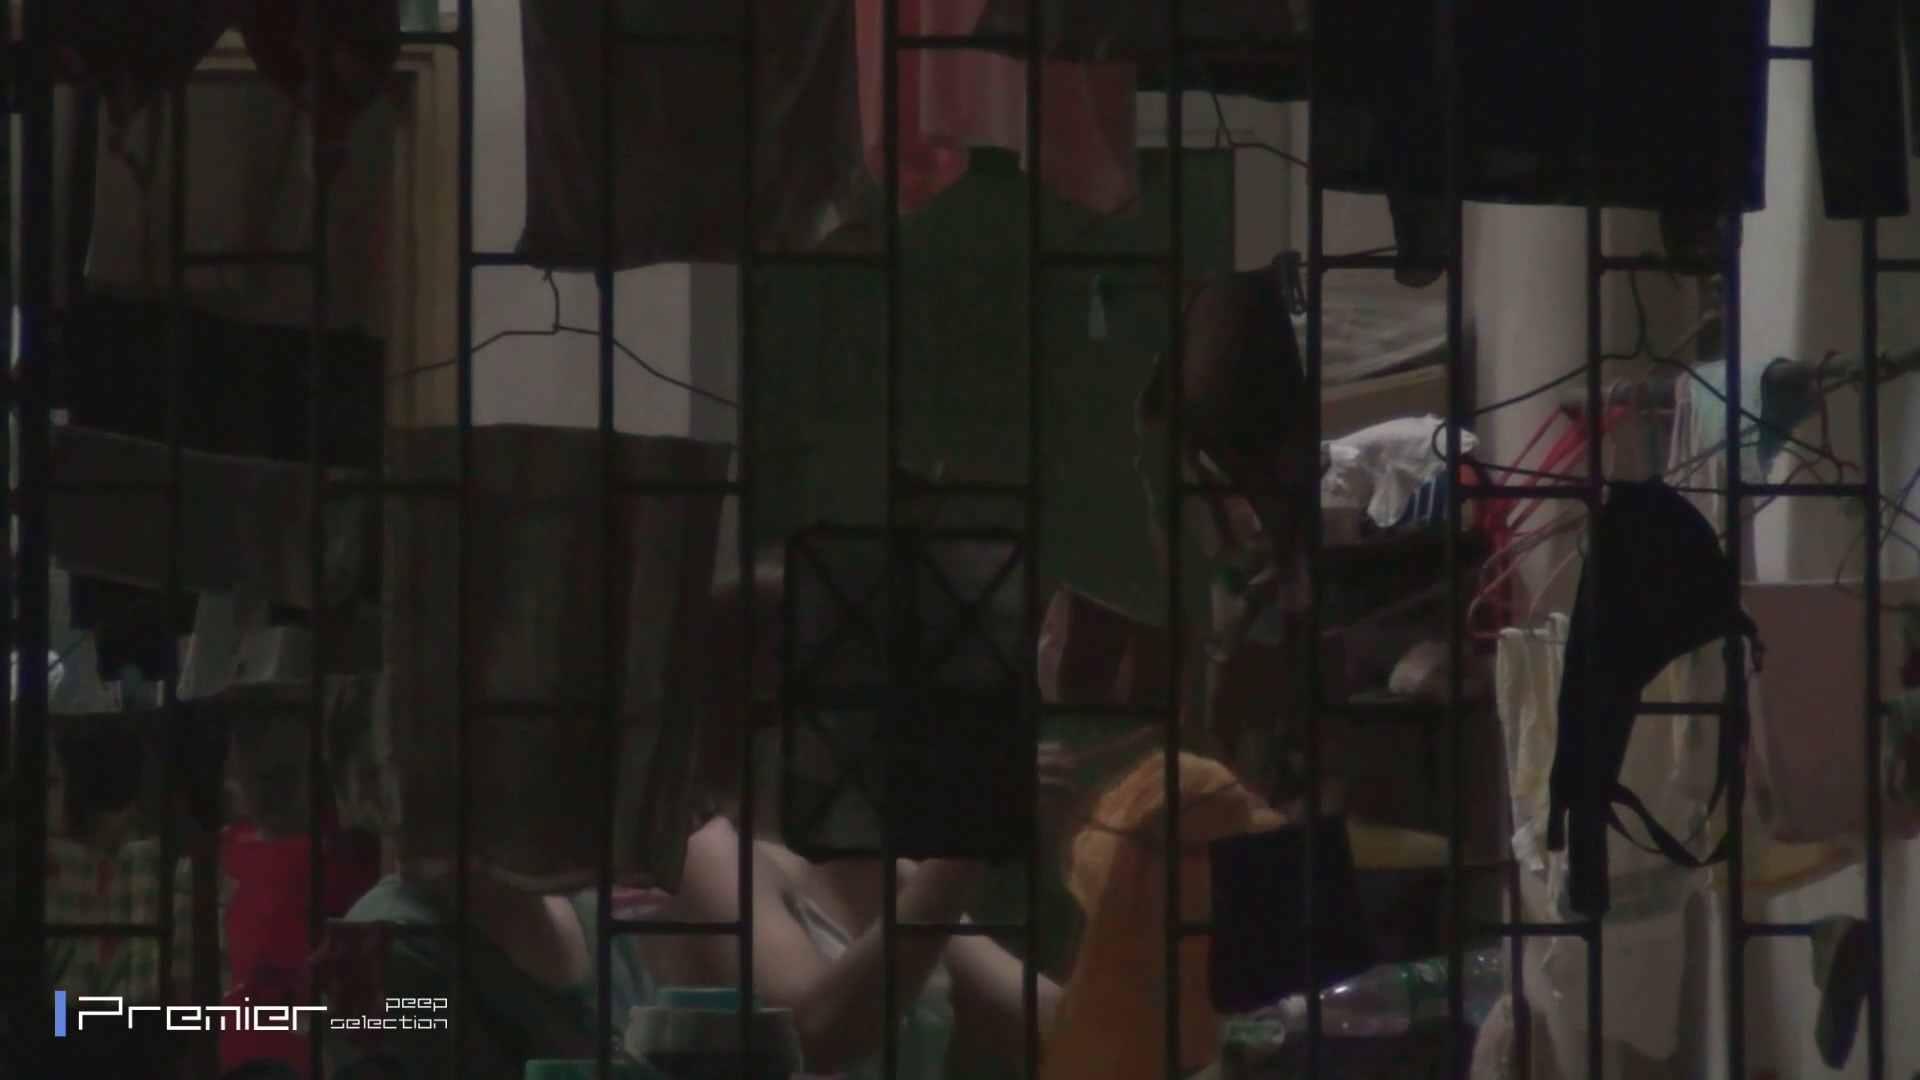 美女の痴態に密着!洗濯物を干す女 Vol.07 美乳 オメコ無修正動画無料 98画像 27